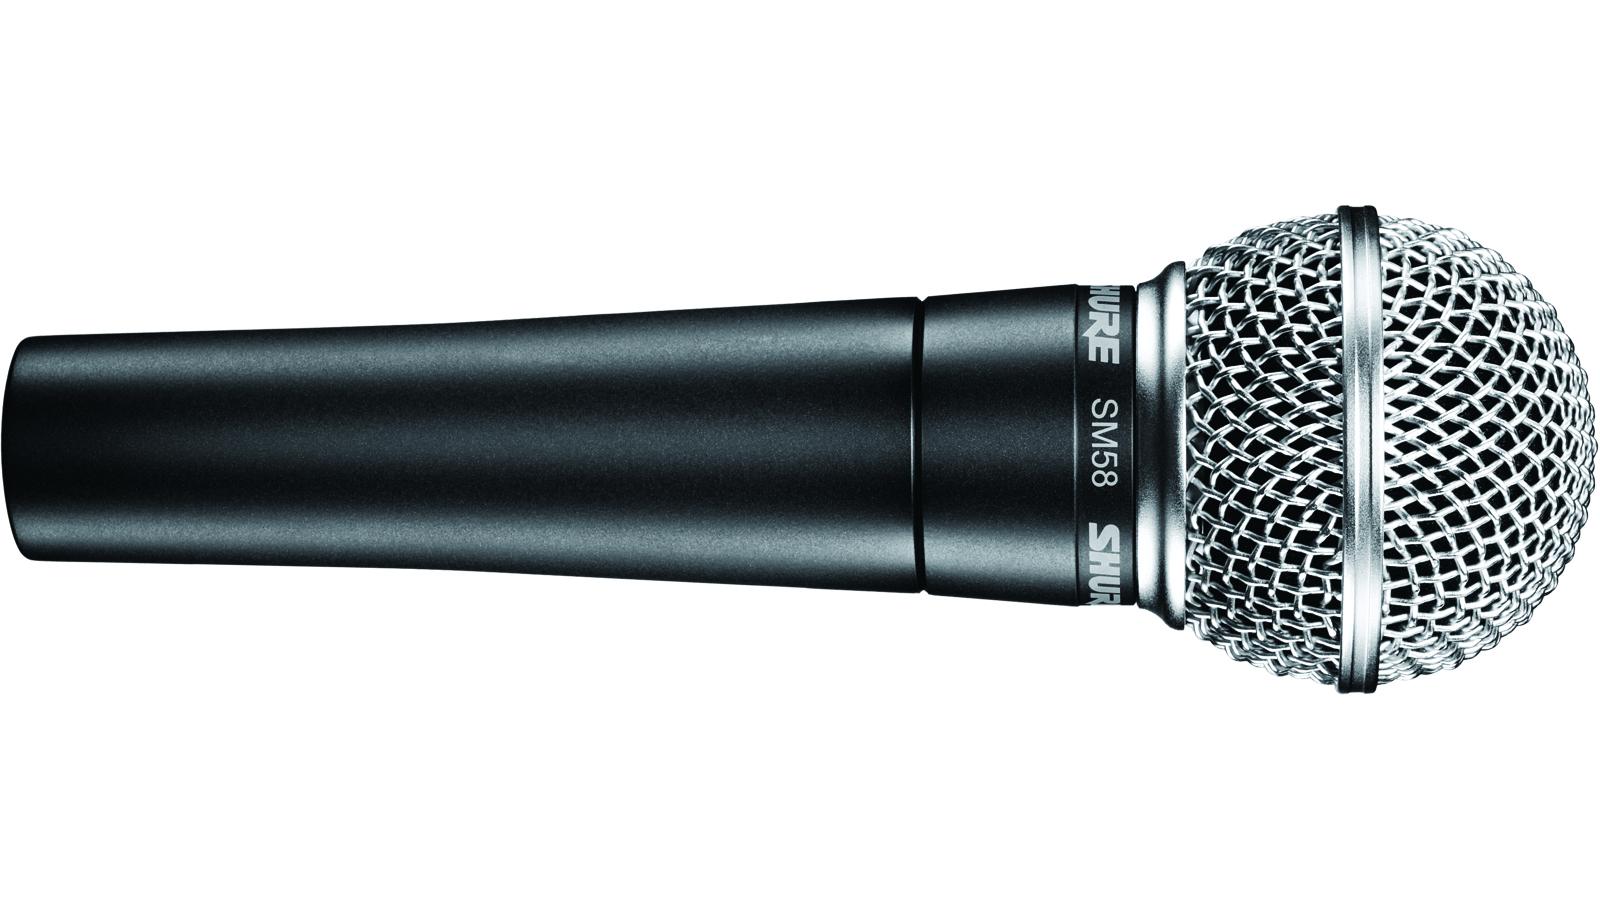 Shure SM 58 dynamisches Gesangsmikrofon ohne Schalter